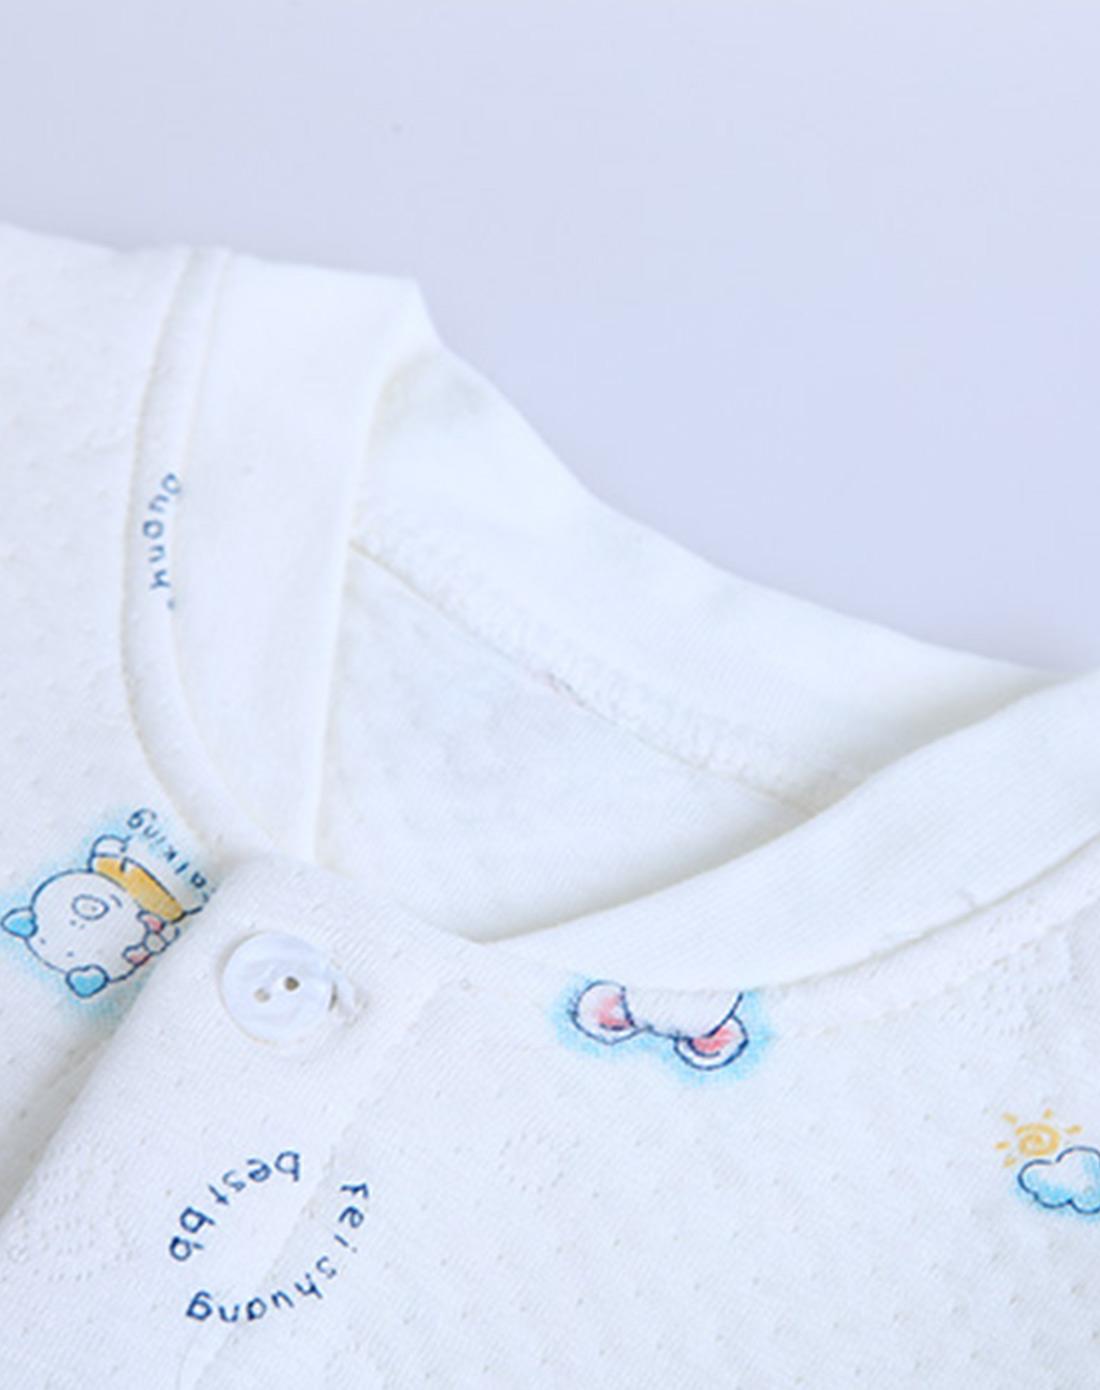 婴儿白底蓝色小猪竹纤维保暖布全开长袍